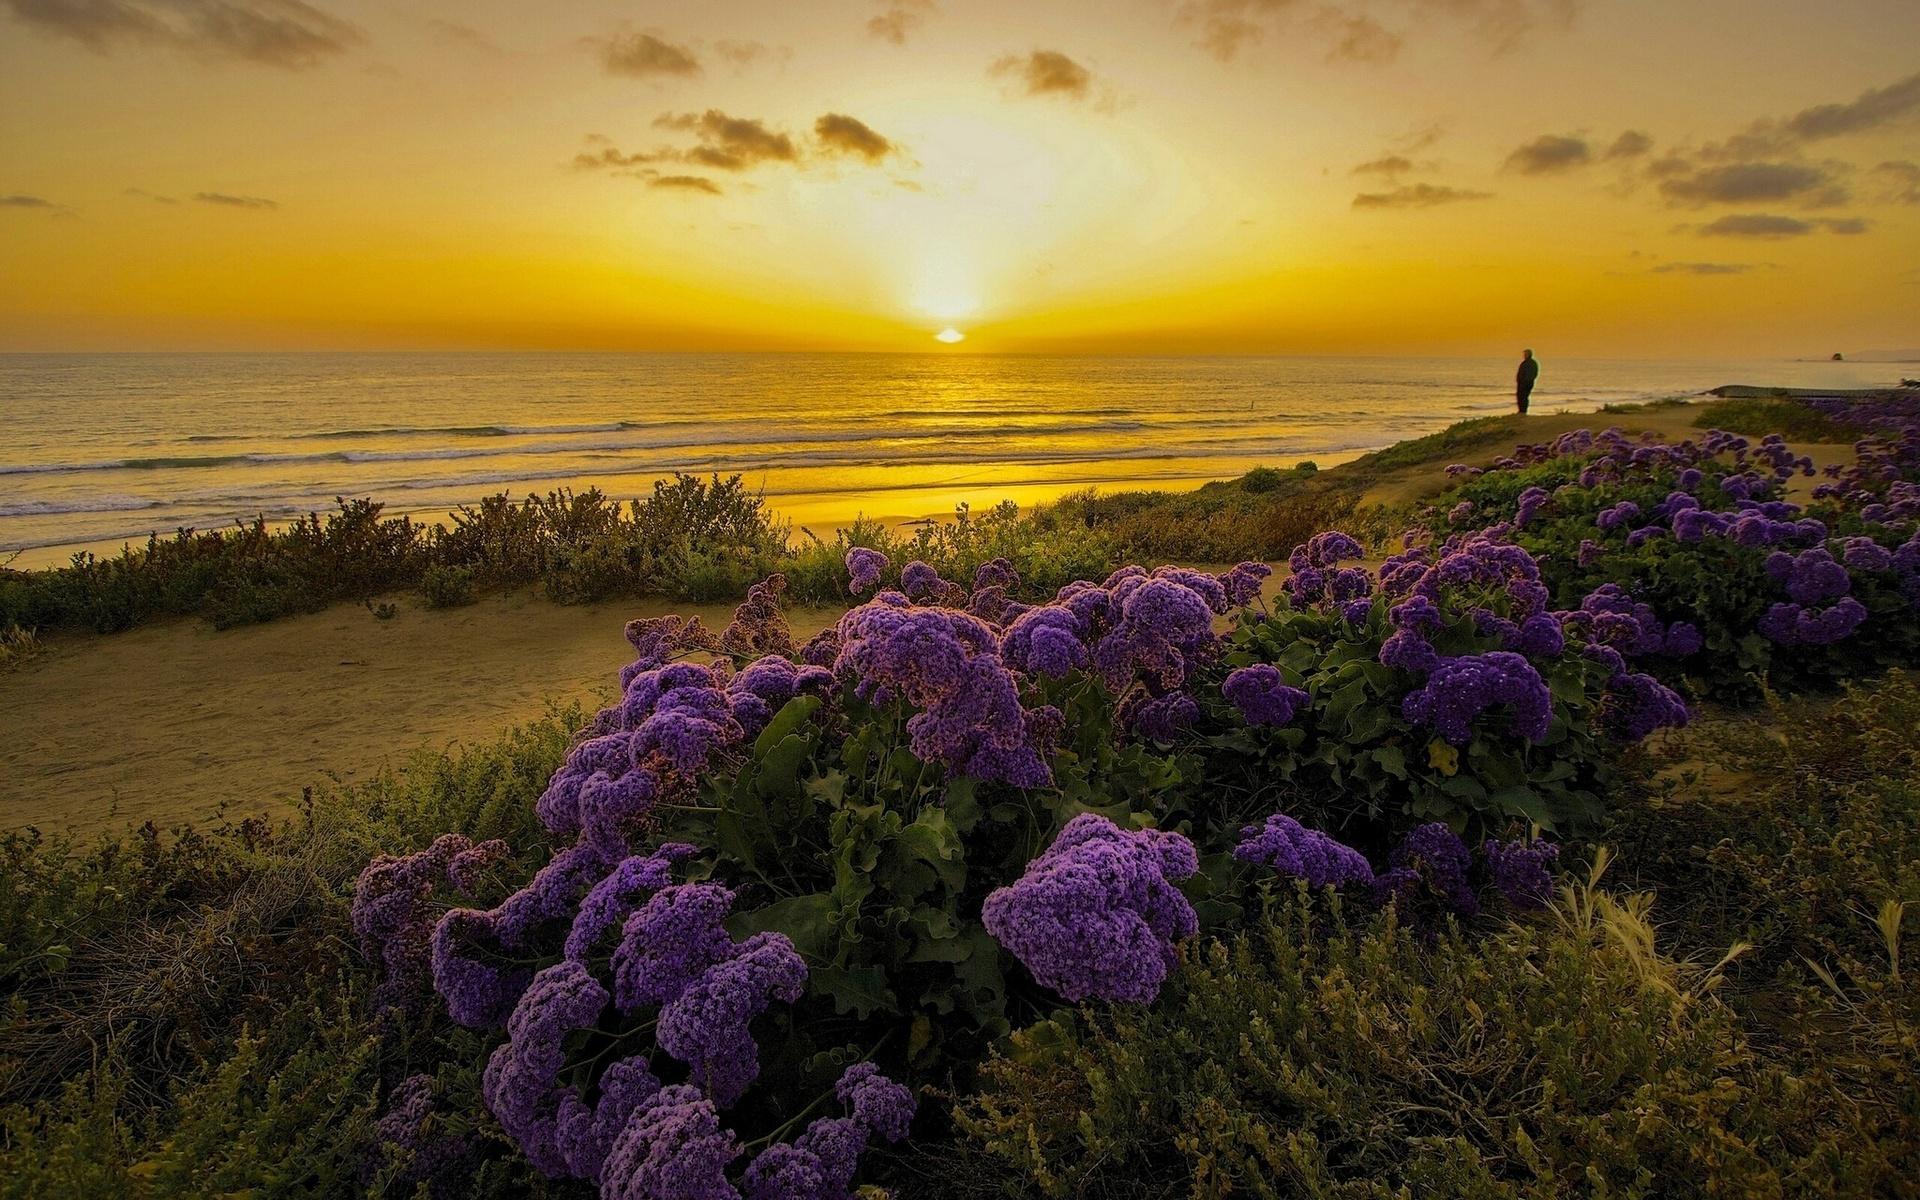 закрывают море фиолетовых цветов картинки выпасаясь